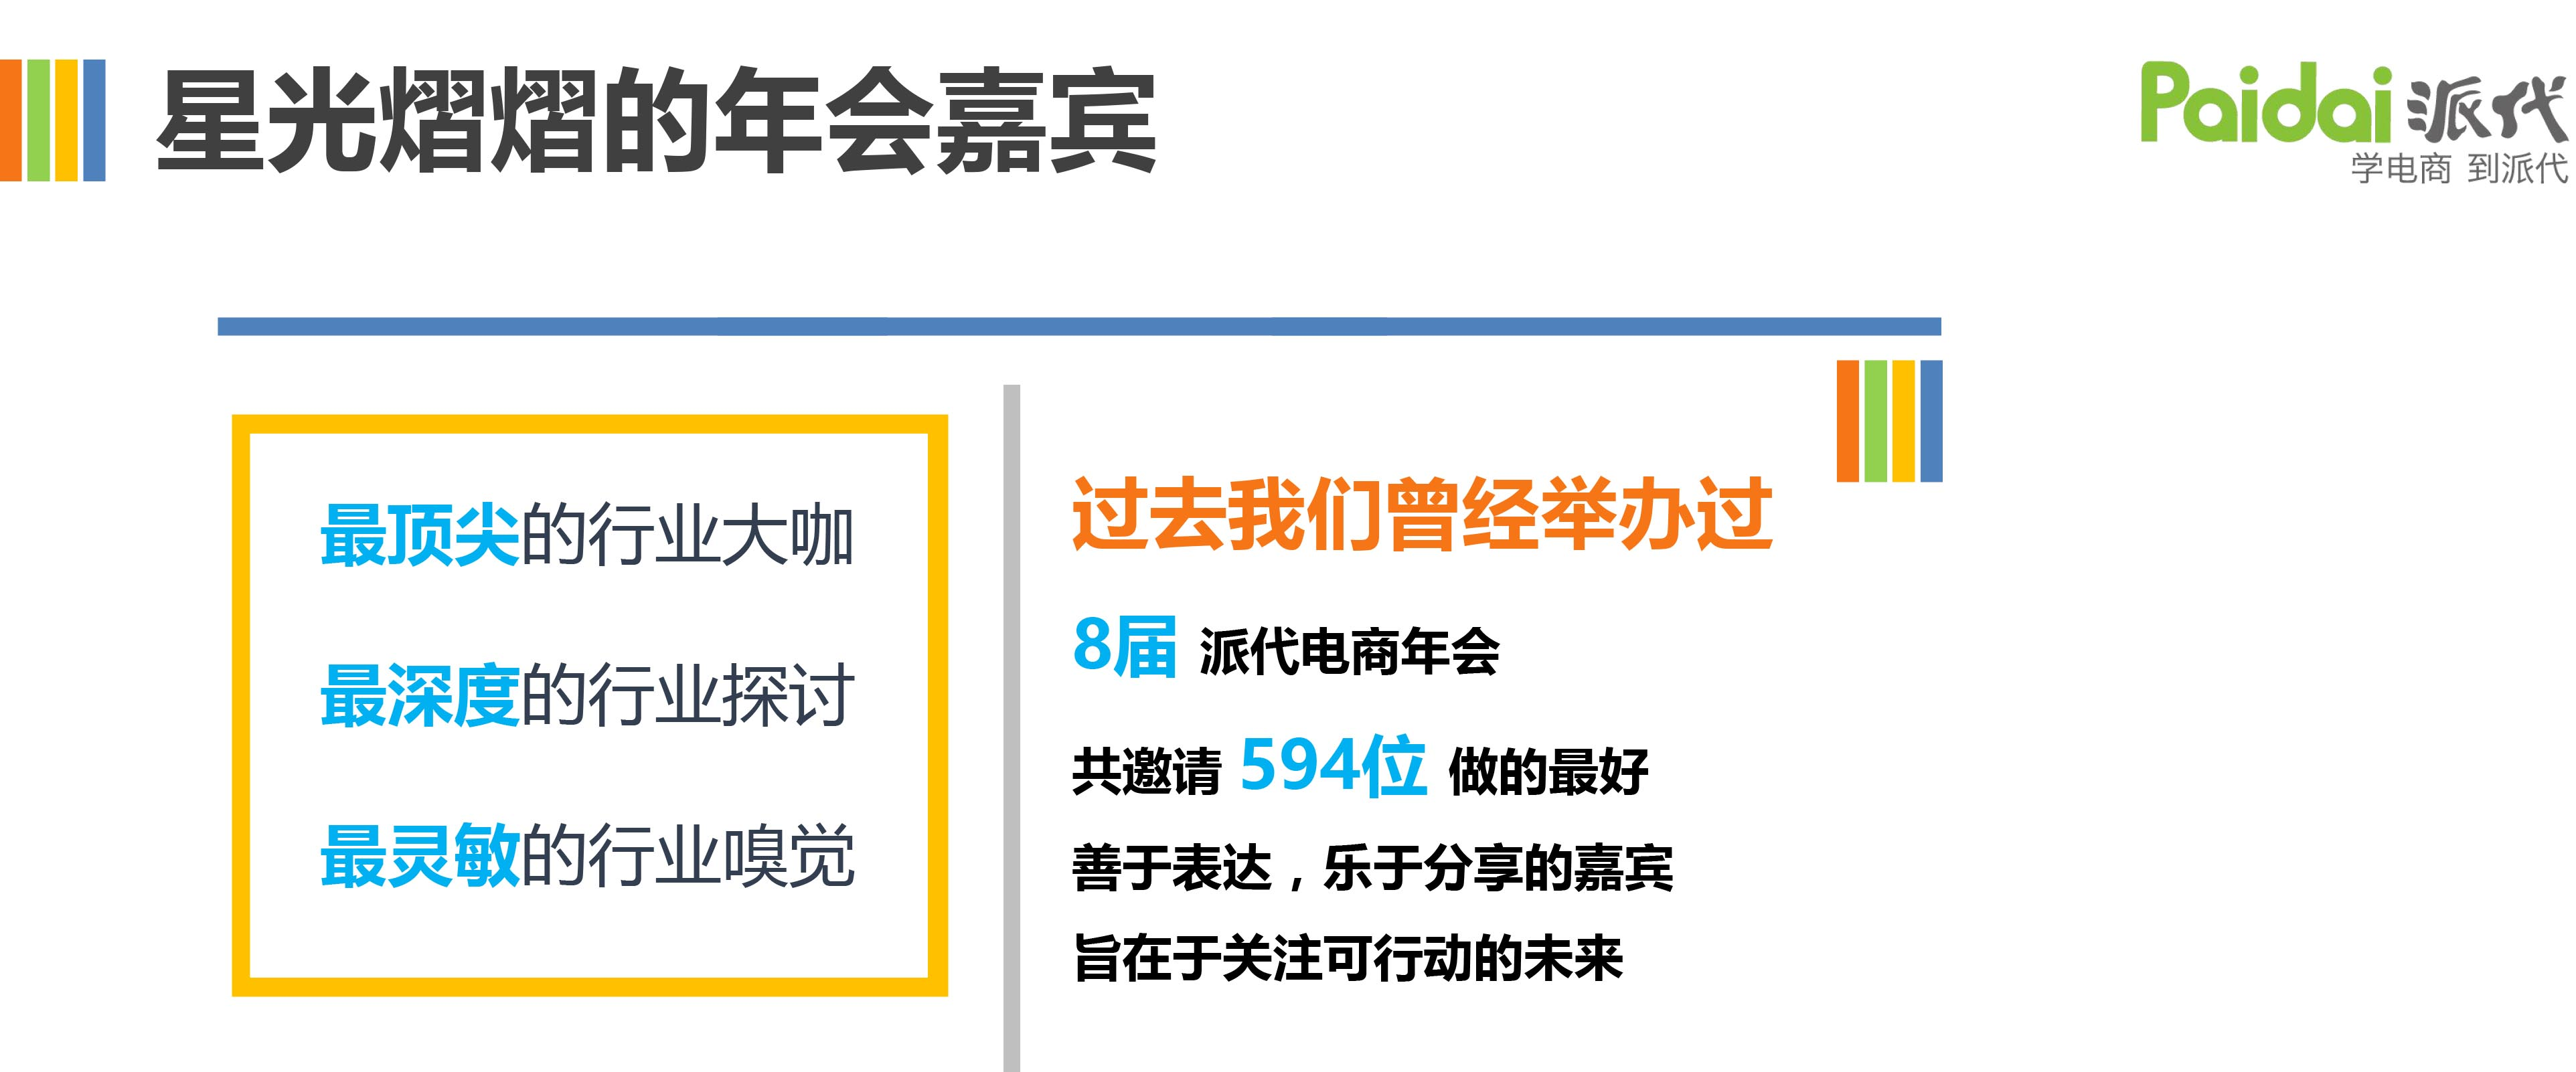 2017第九届派代电商年会